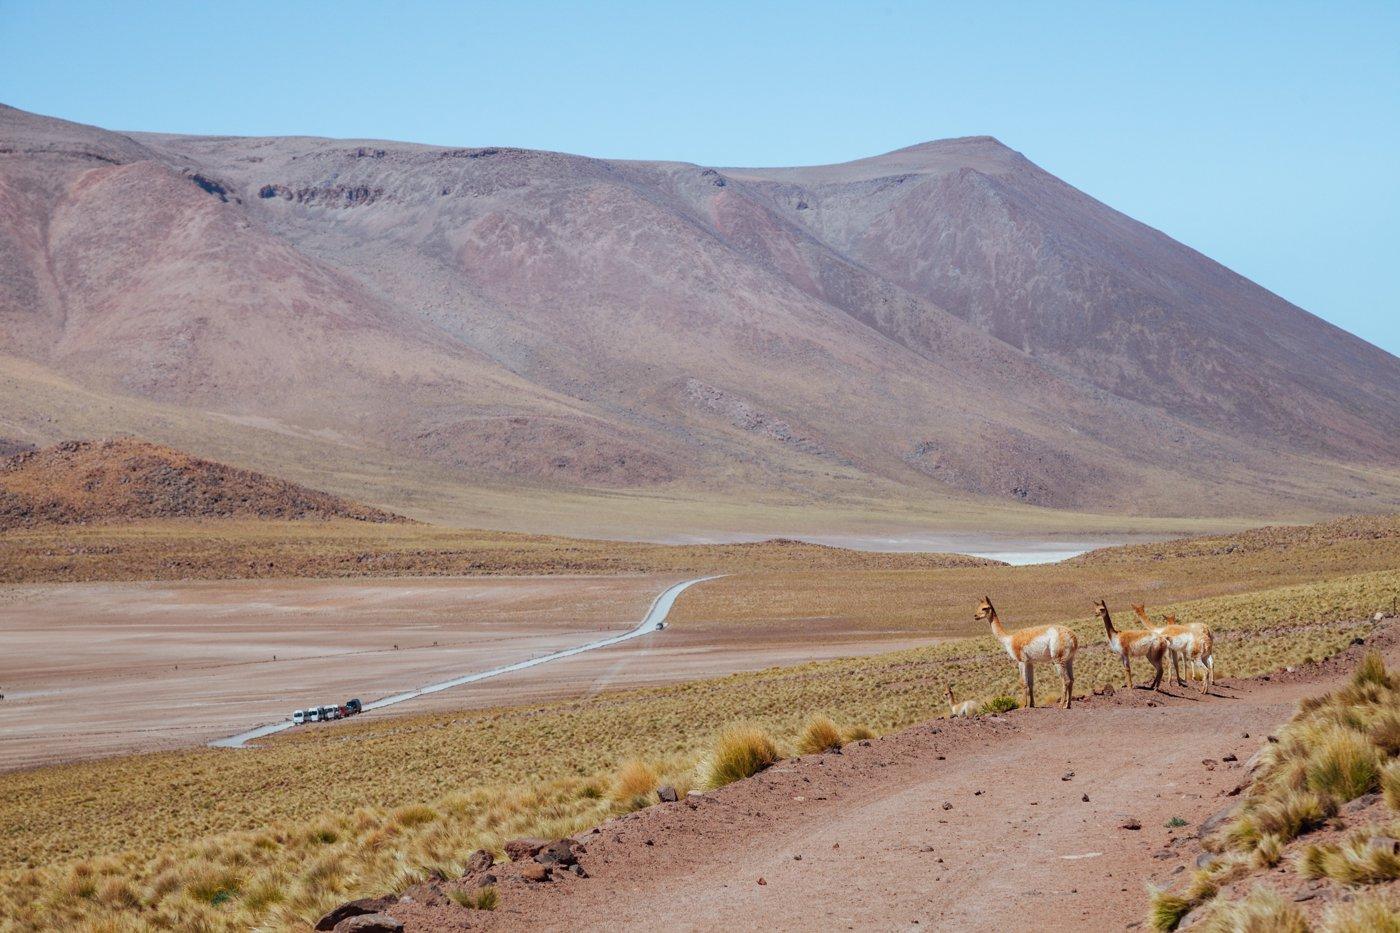 Deserto do Atacama - Vicunhas são animais bem comuns no Atacama